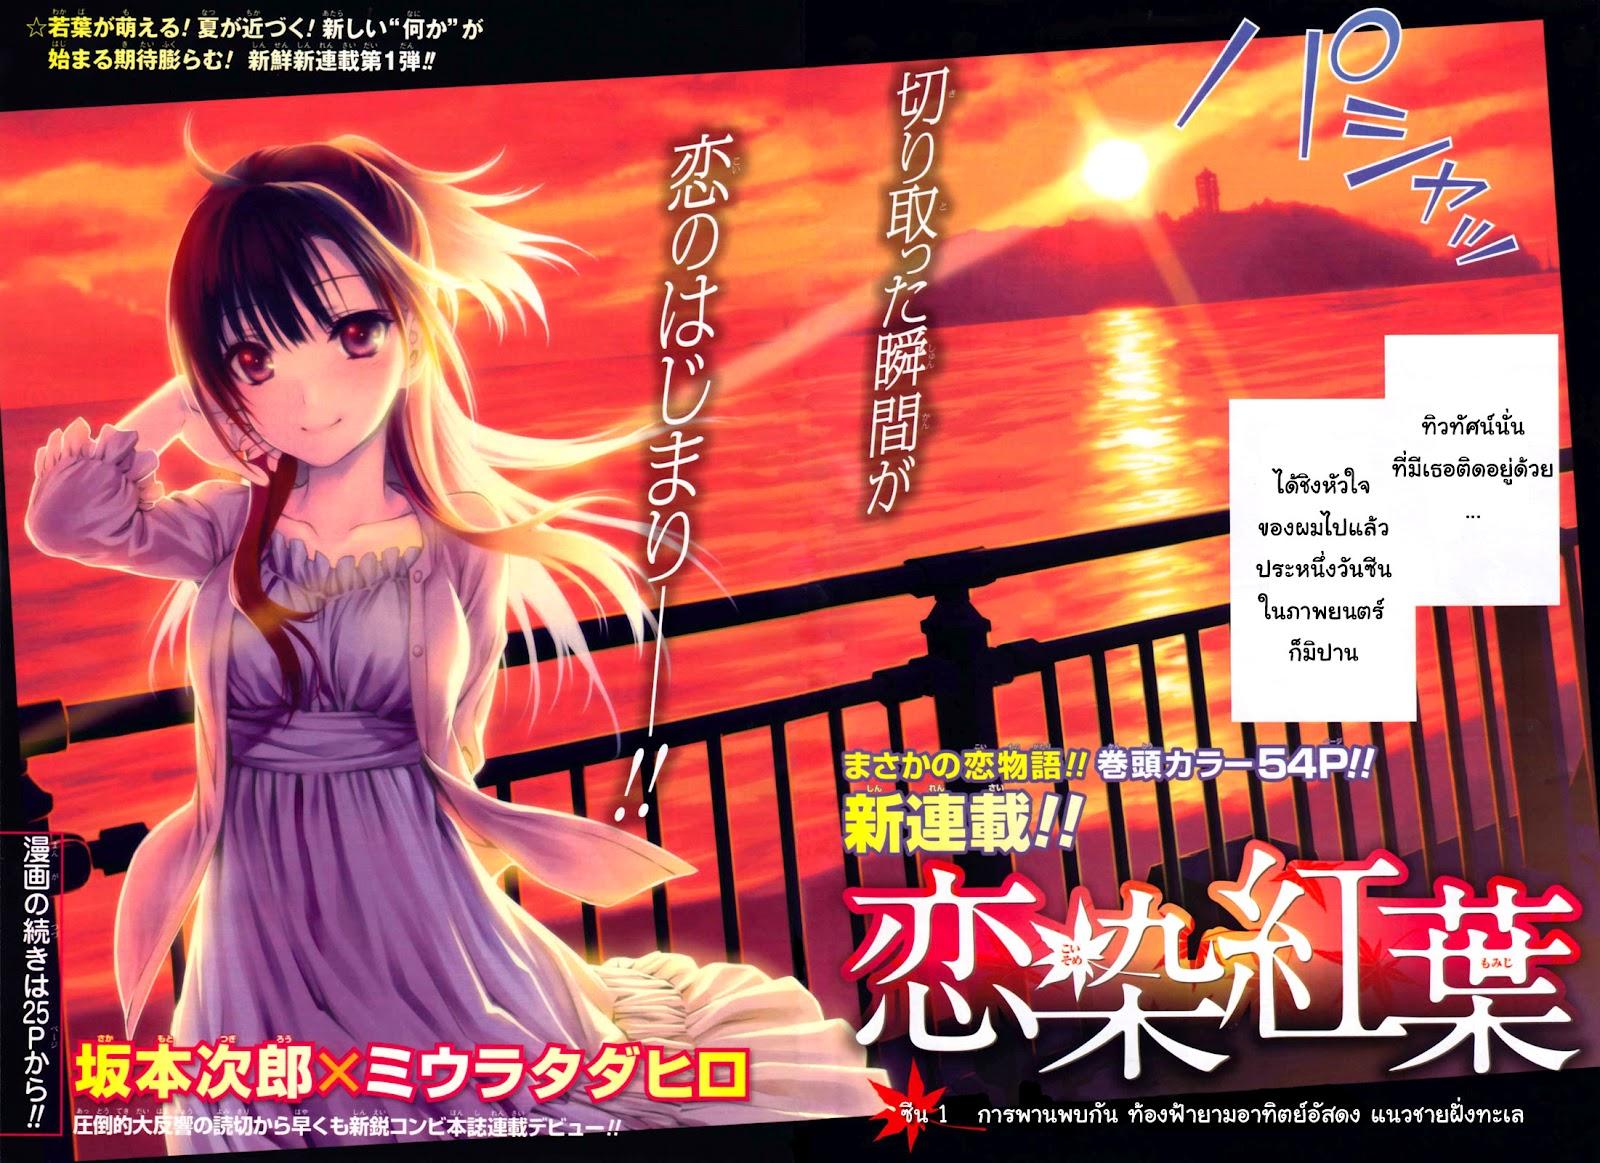 อ่านการ์ตูน Koisome Momiji 1 ภาพที่ 3